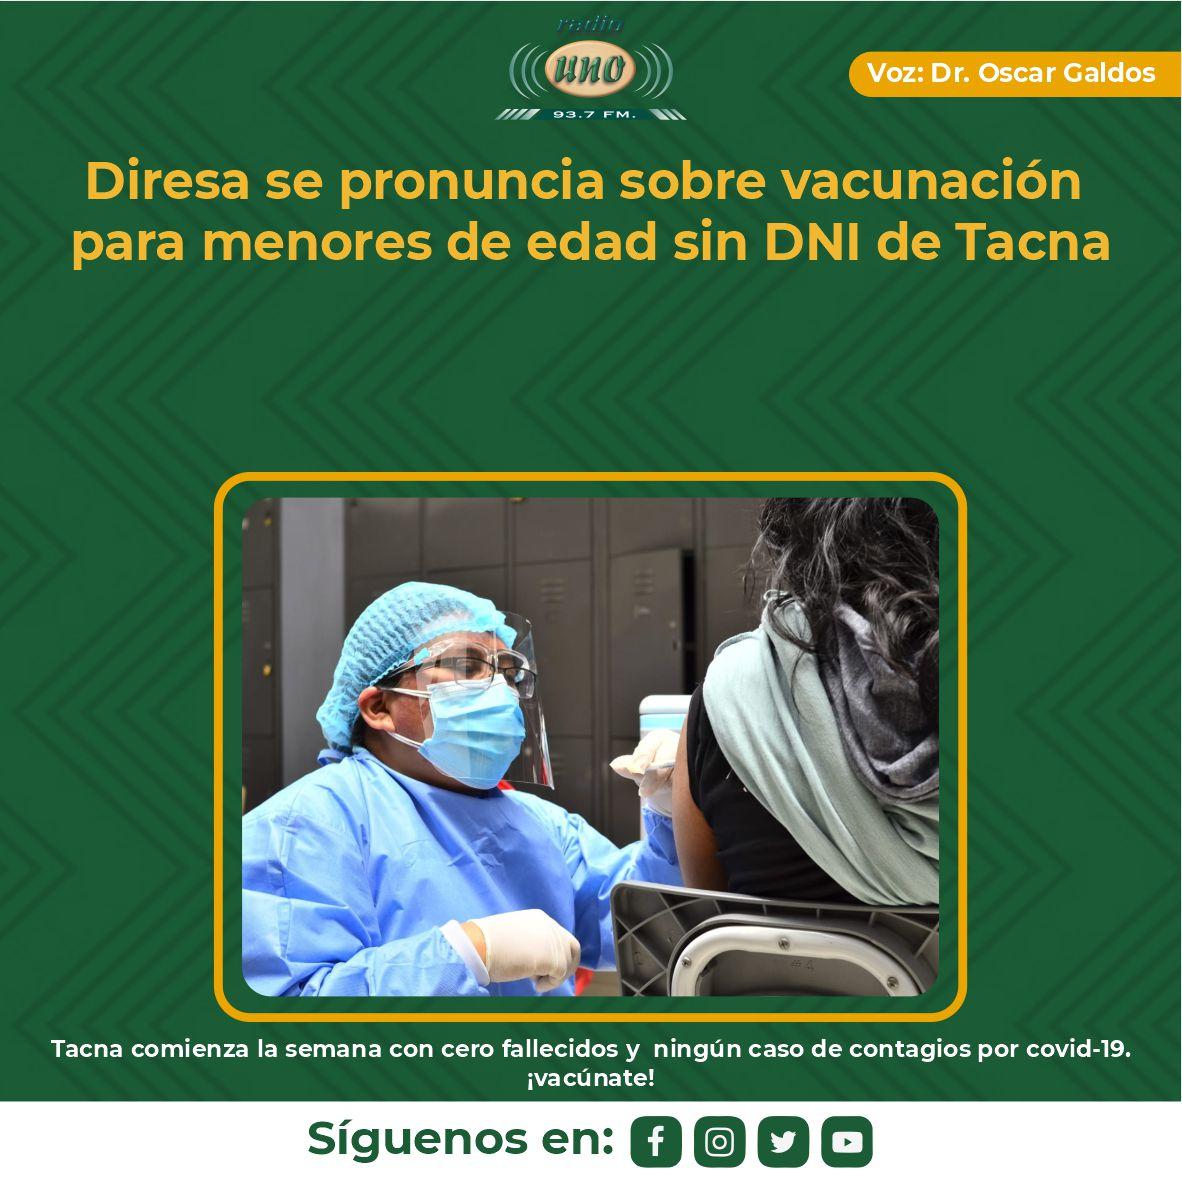 Diresa se pronuncia sobre vacunación para menores de edad sin DNI de Tacna